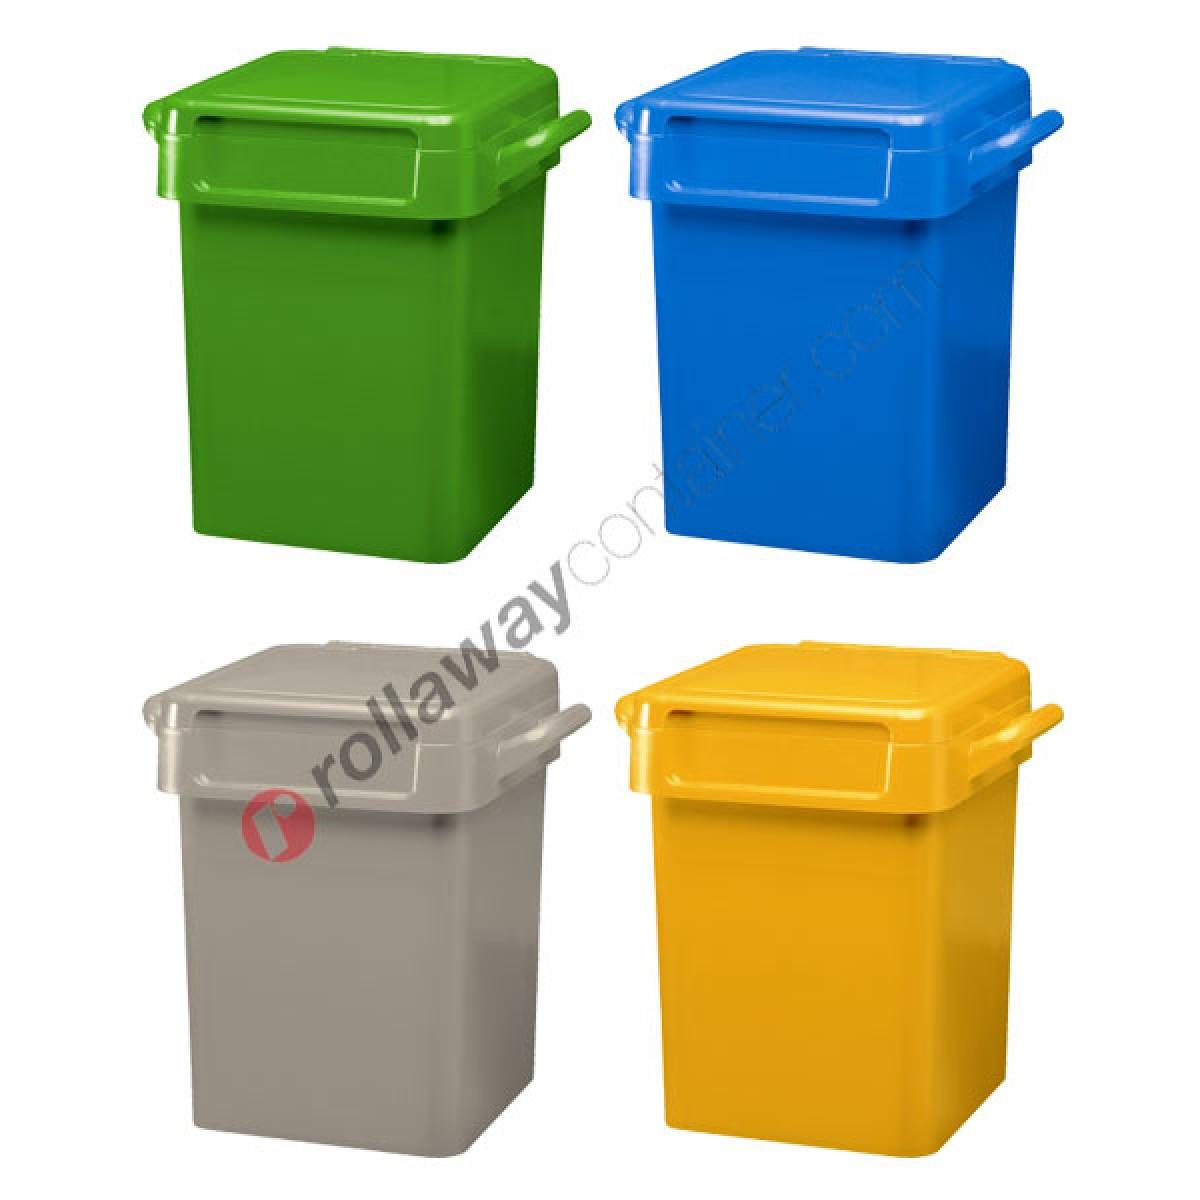 Box Per Bidoni Spazzatura bidoni spazzatura differenziata da 50 litri con maniglie per svuotamento  manuale